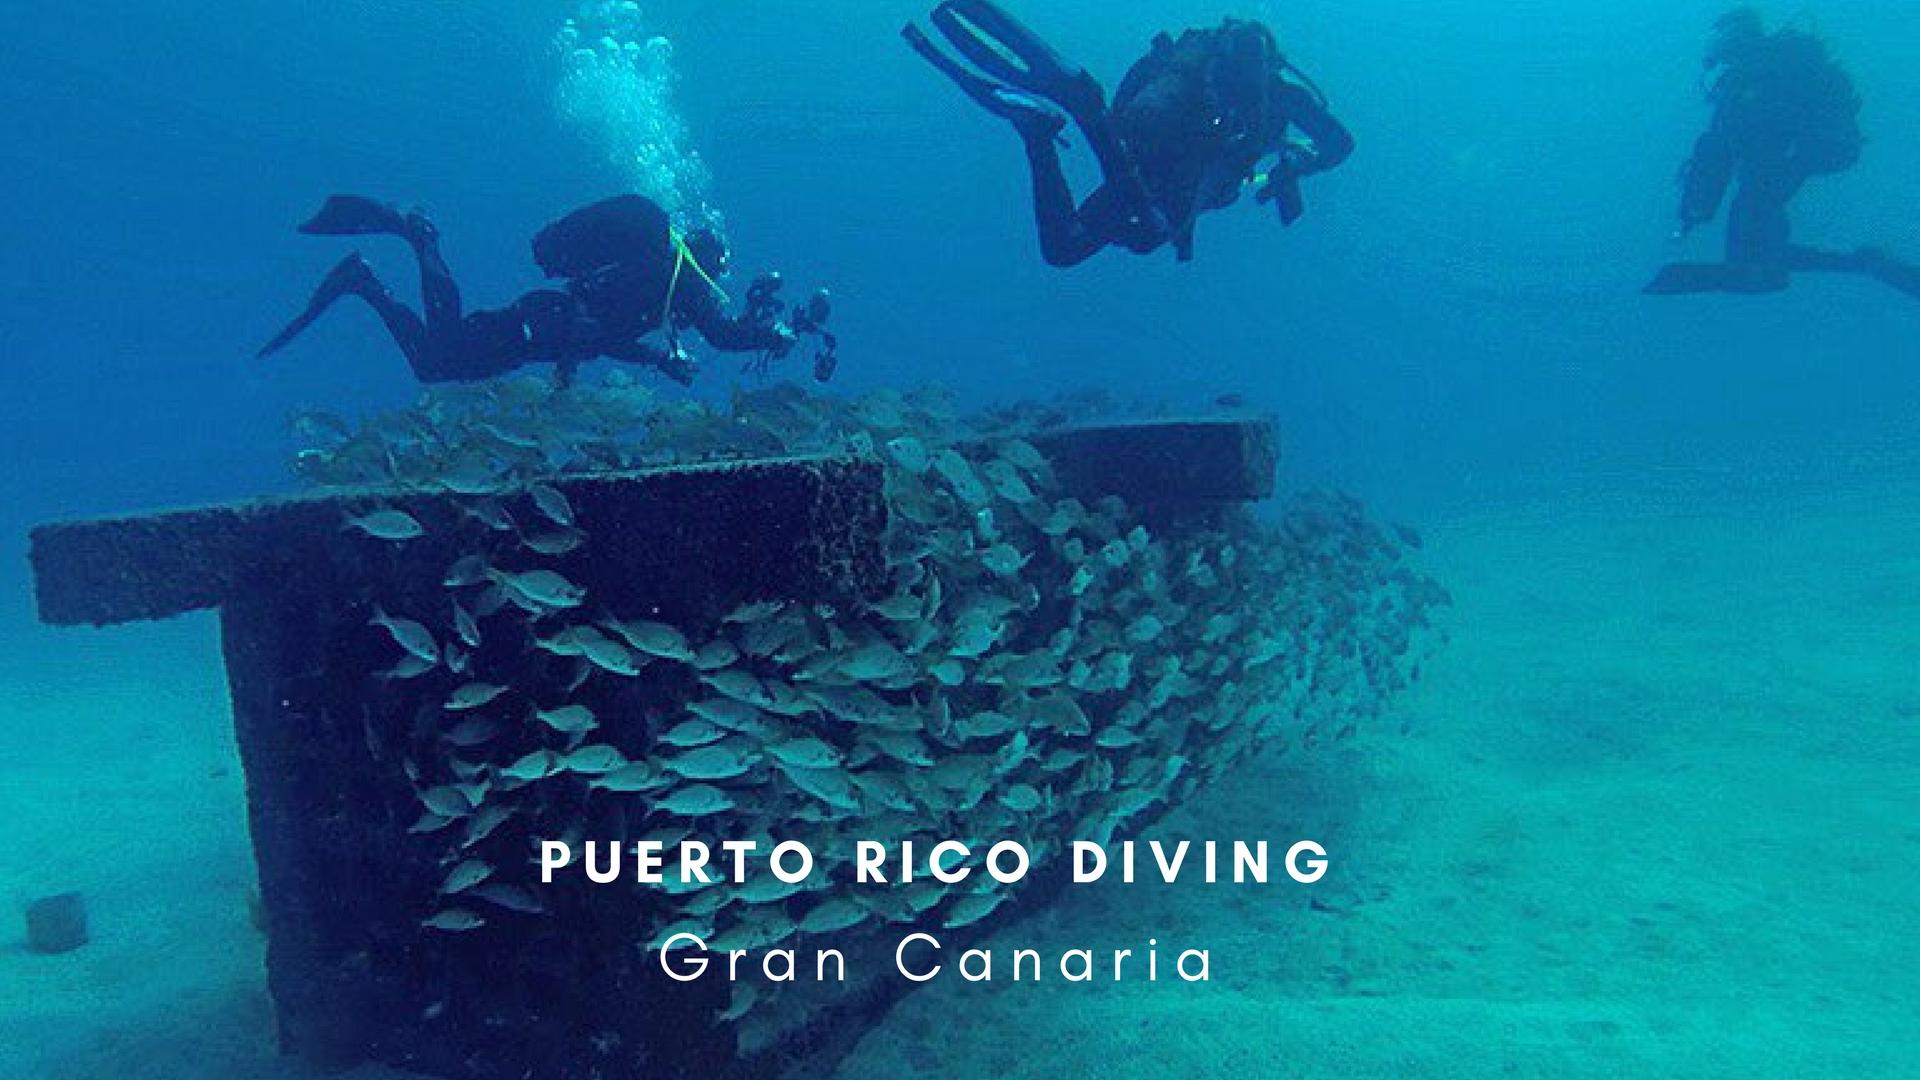 Puerto Rico Diving Gran Canaria